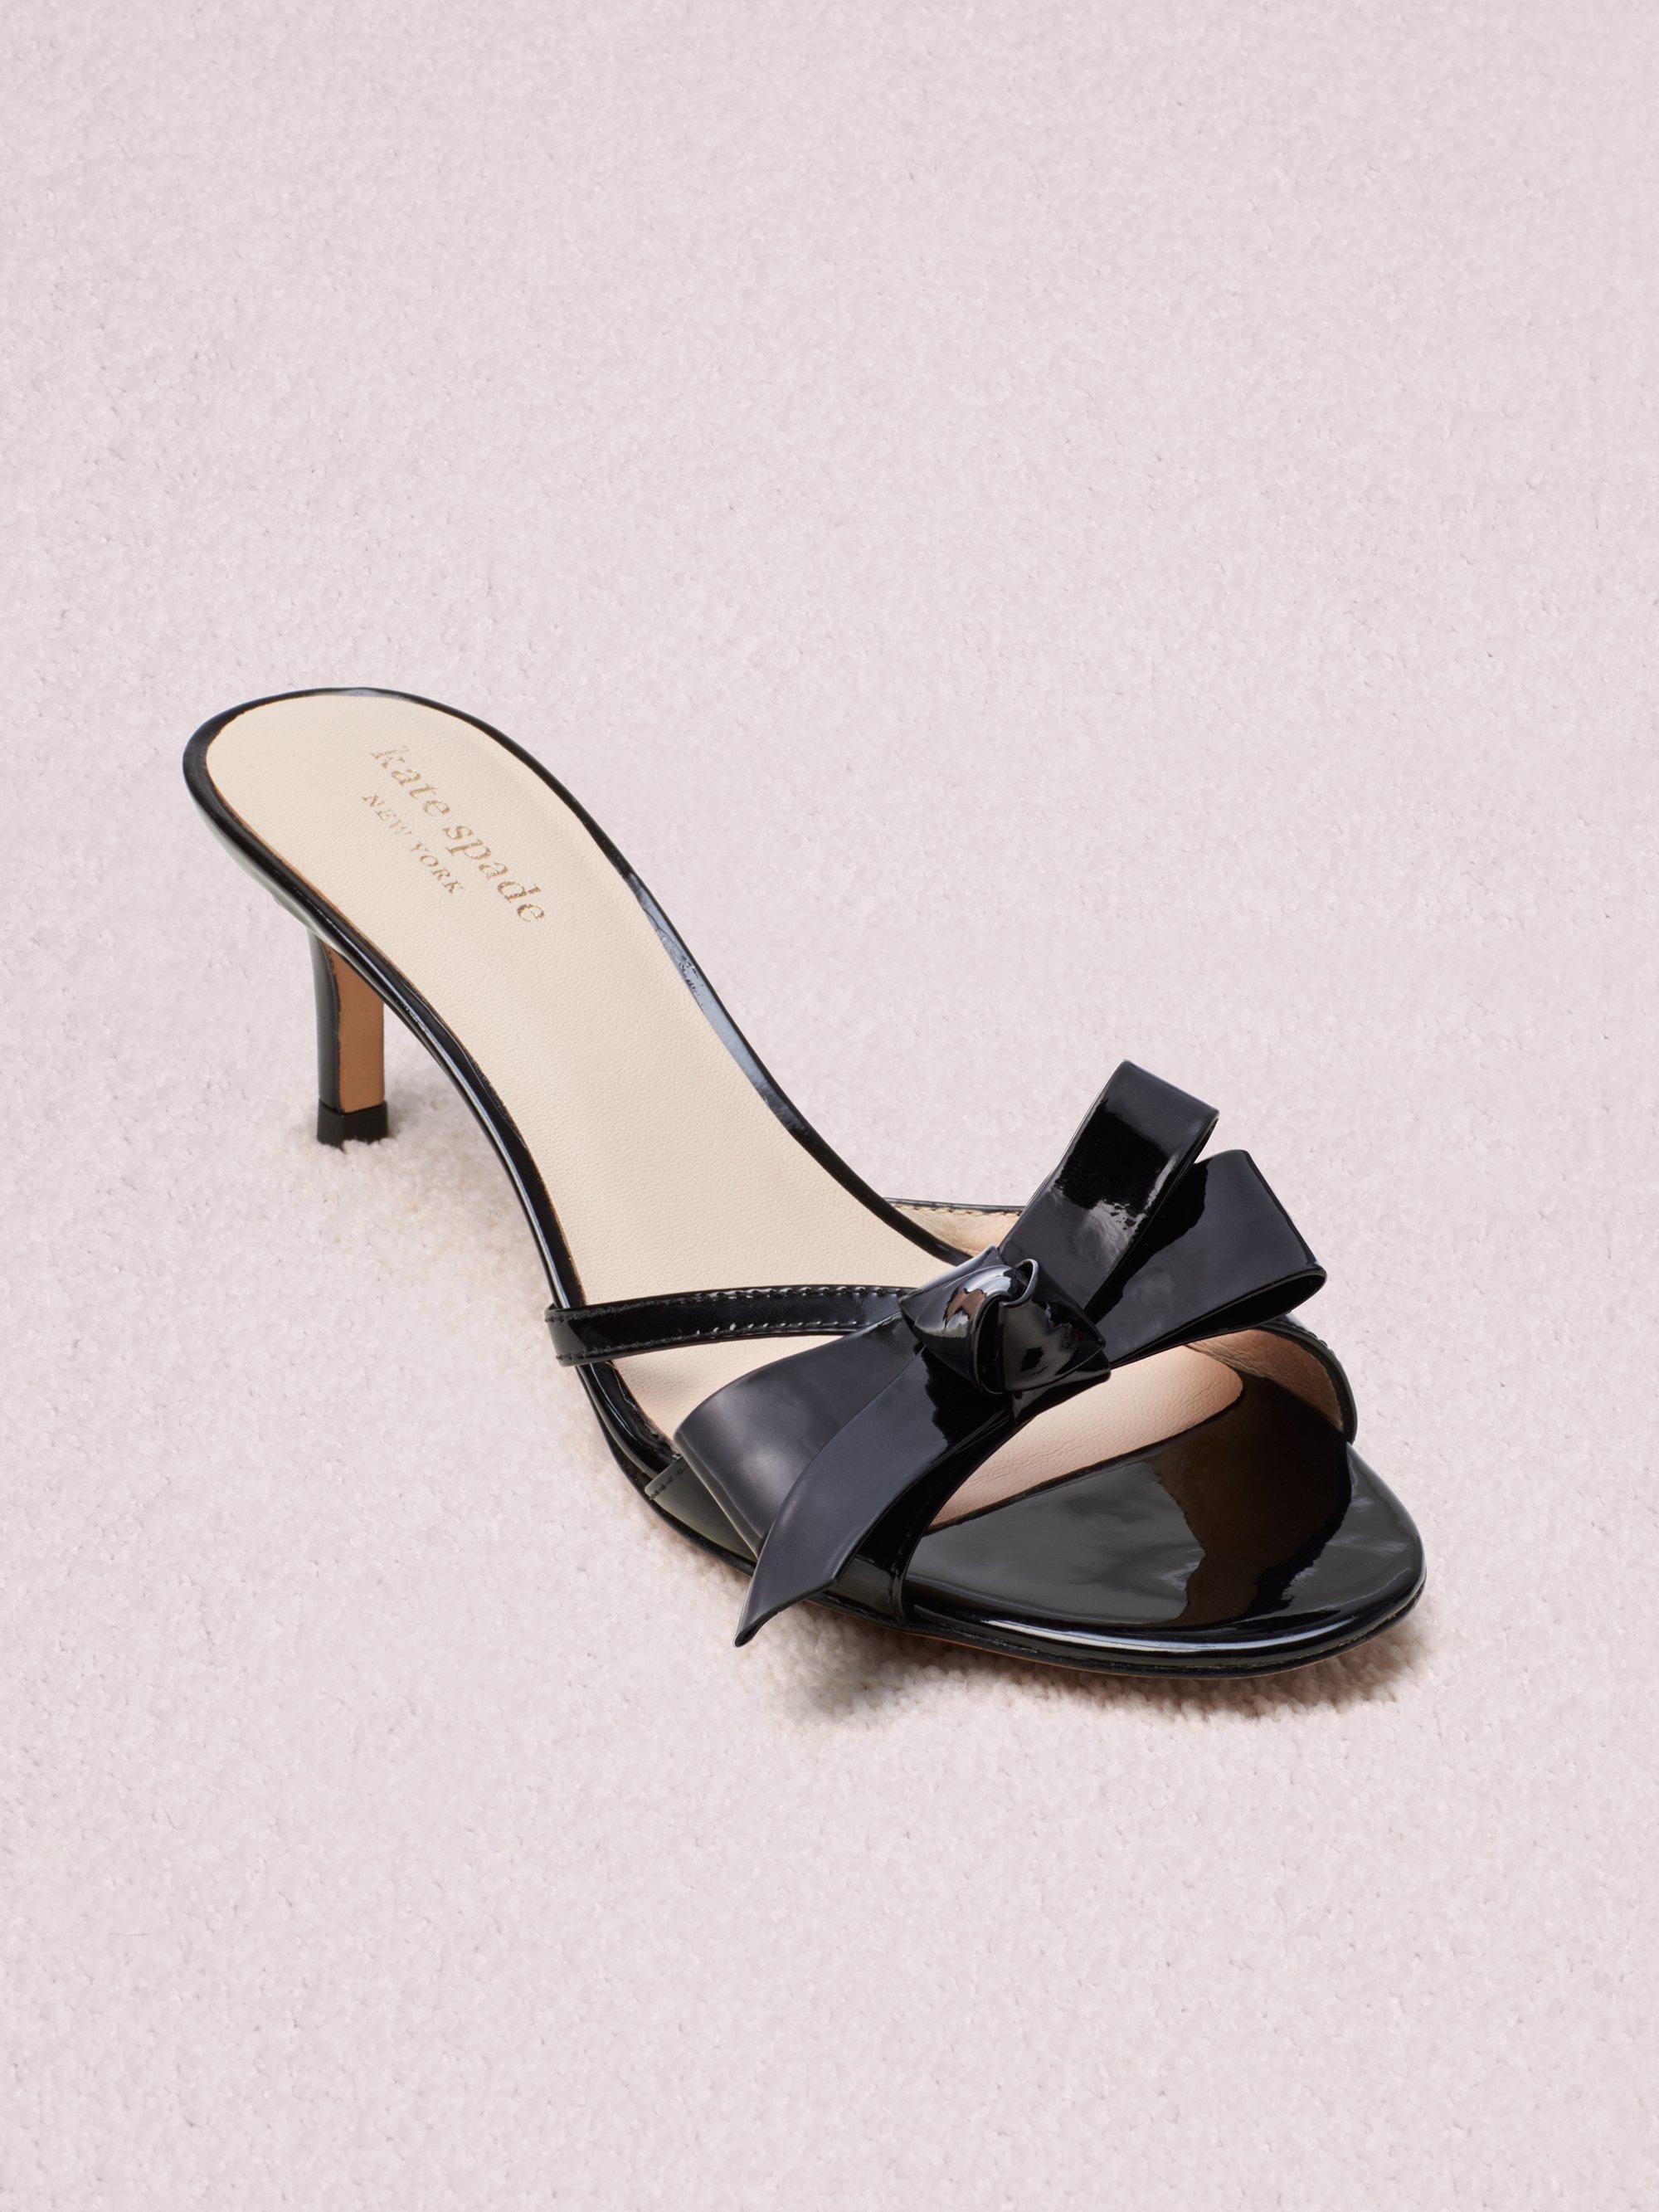 715b784e6b70 Kate Spade - Black Women s Simona Backless Kitten Heel Sandals - Lyst. View  fullscreen